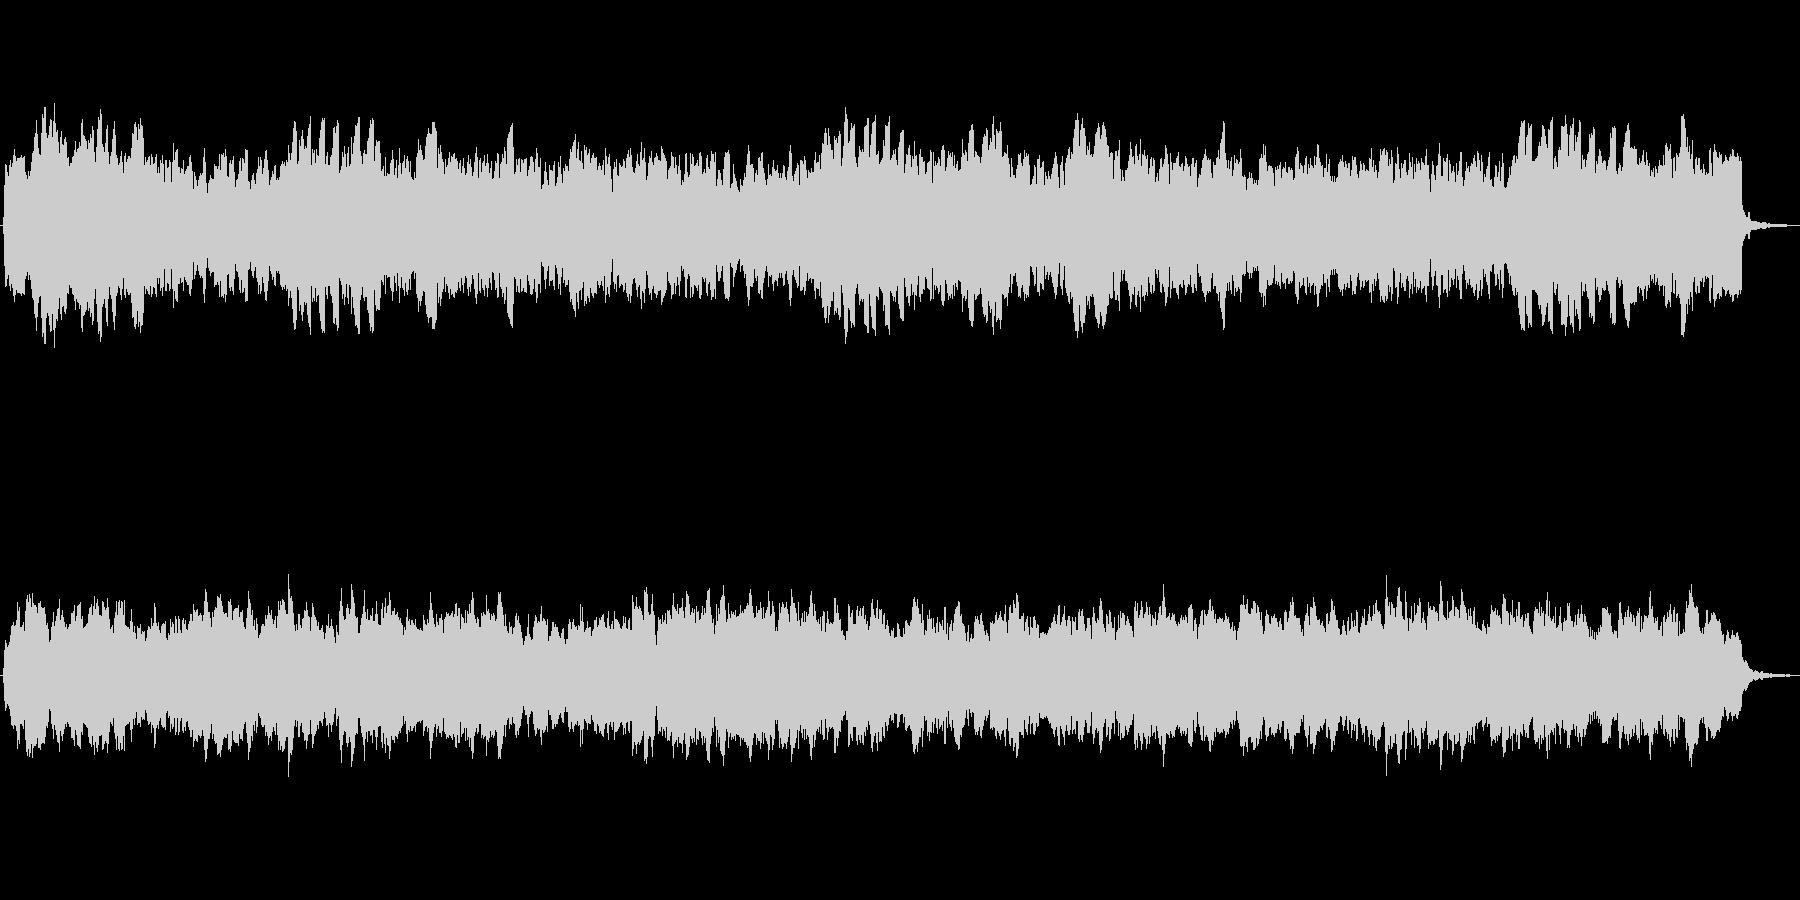 弦楽三重奏バロック風オリジナル曲です。の未再生の波形